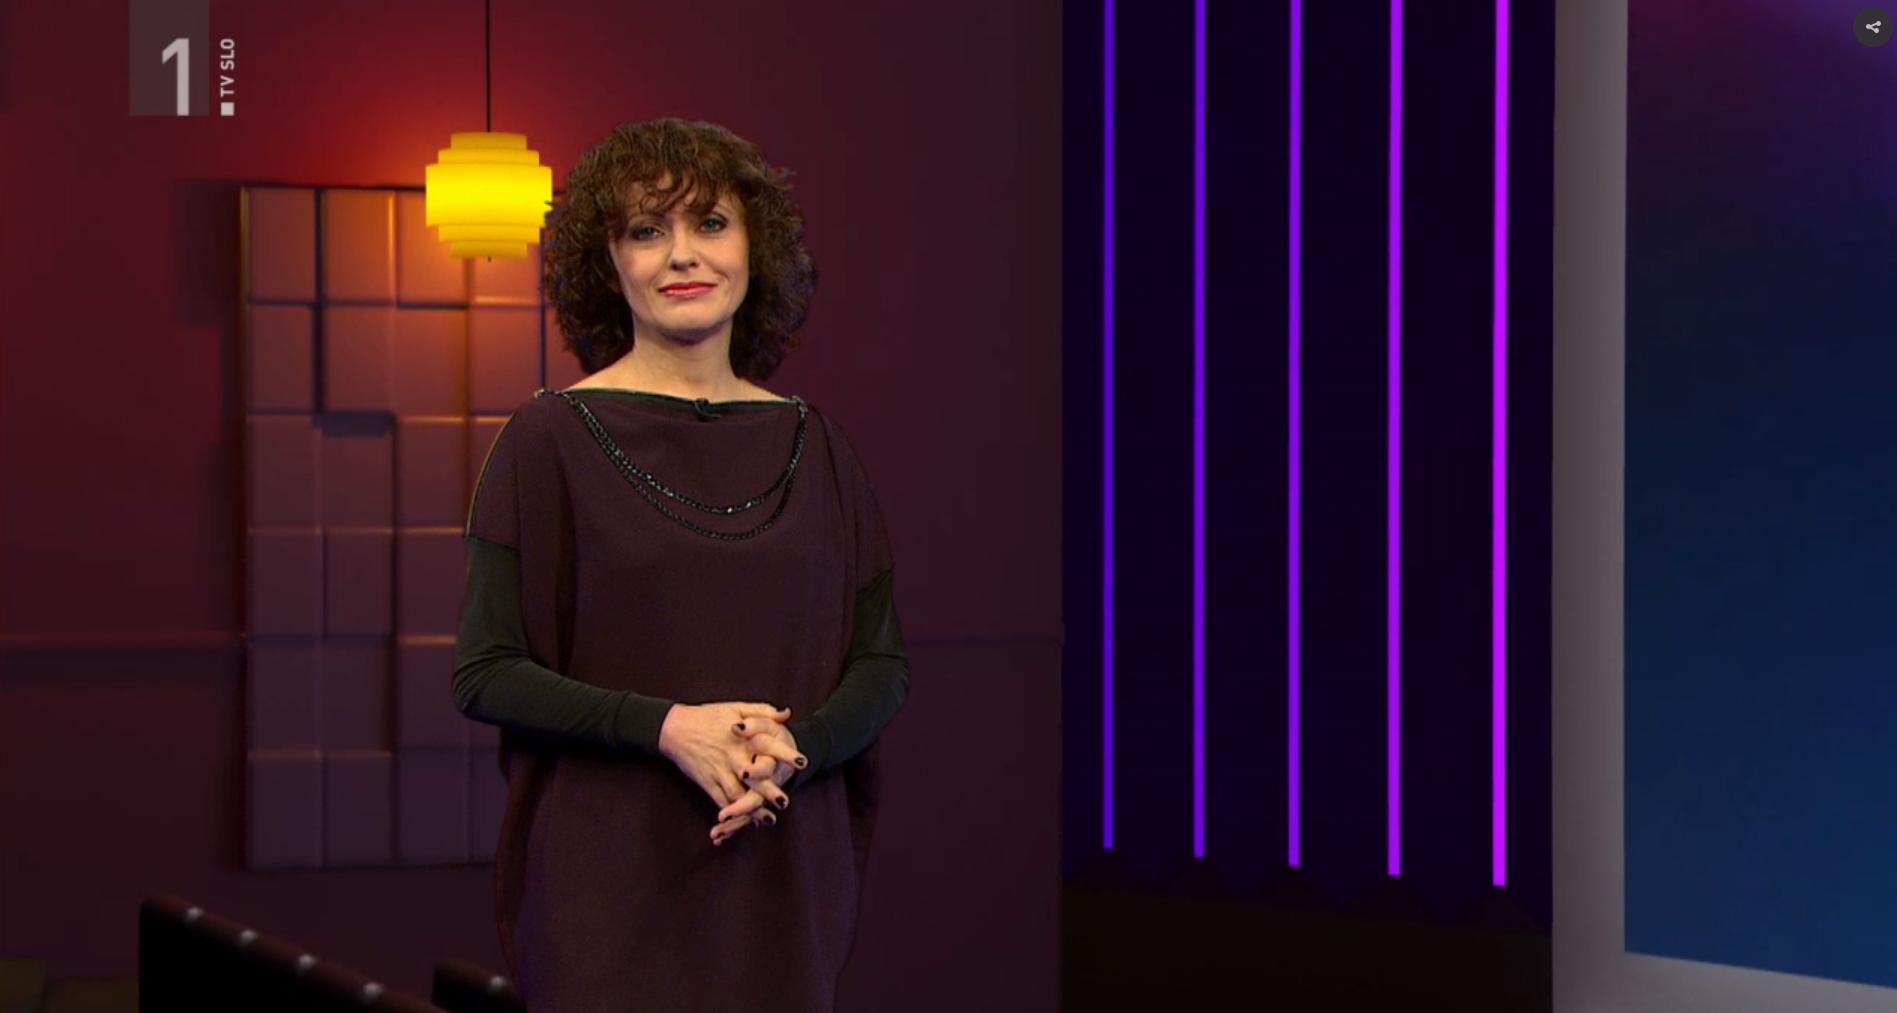 Mateja Valentinčič v oddaji Kinofokus nosi tuniko NI